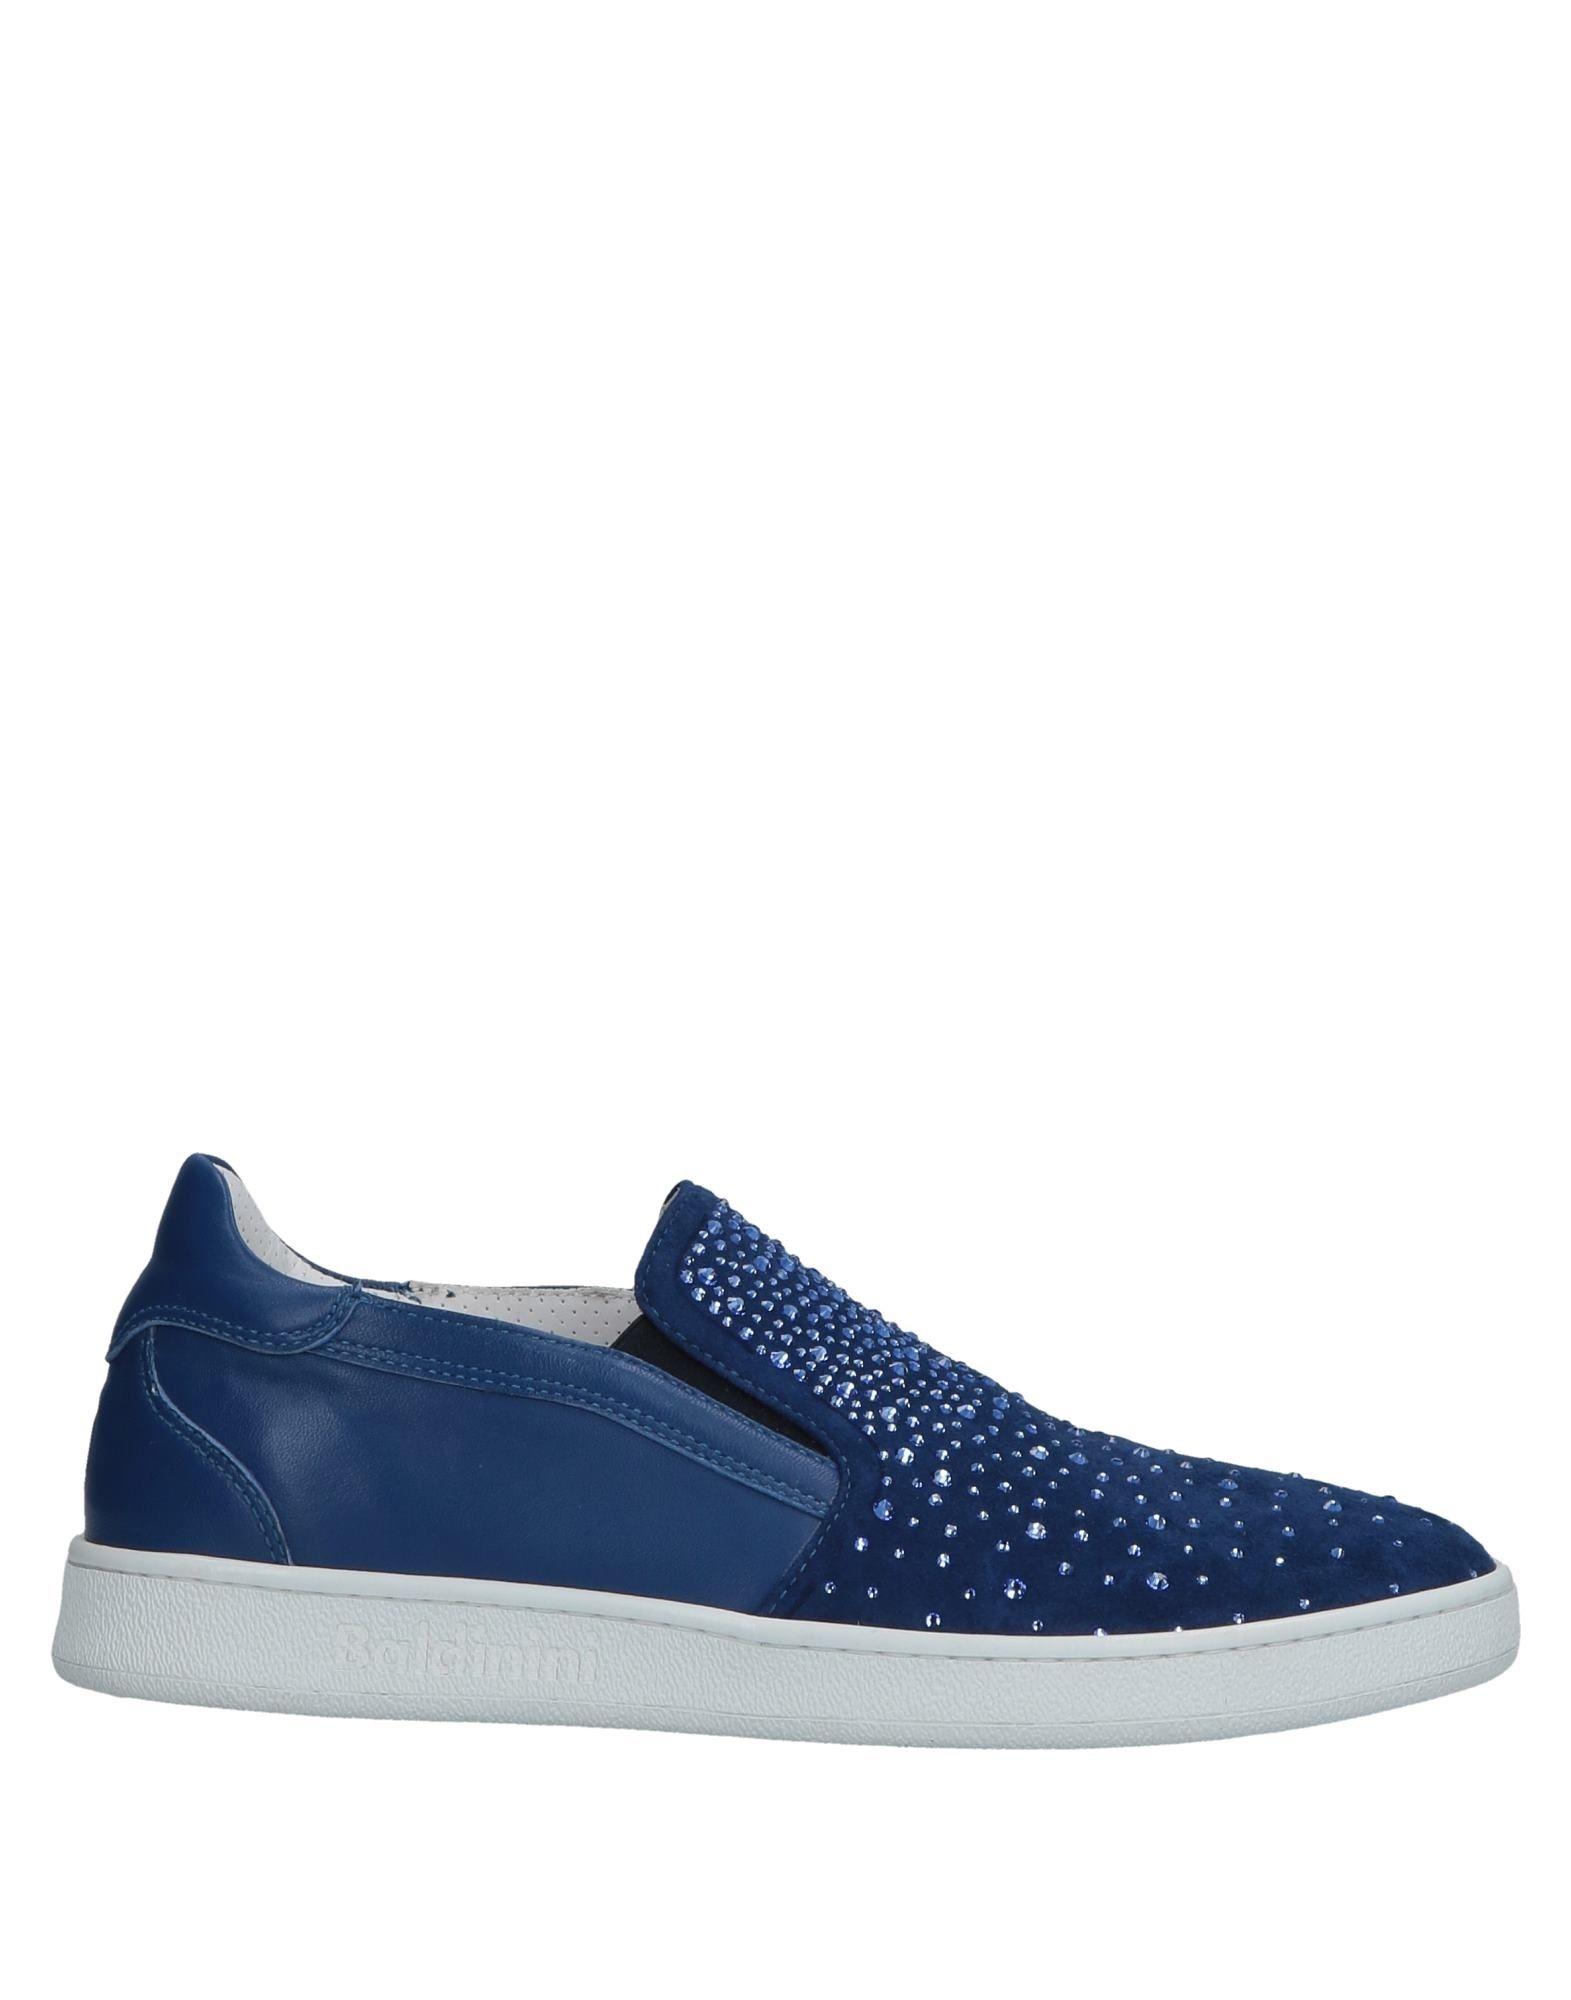 Rabatt  Schuhe Baldinini Sneakers Damen  Rabatt 11582623BG 6e391a